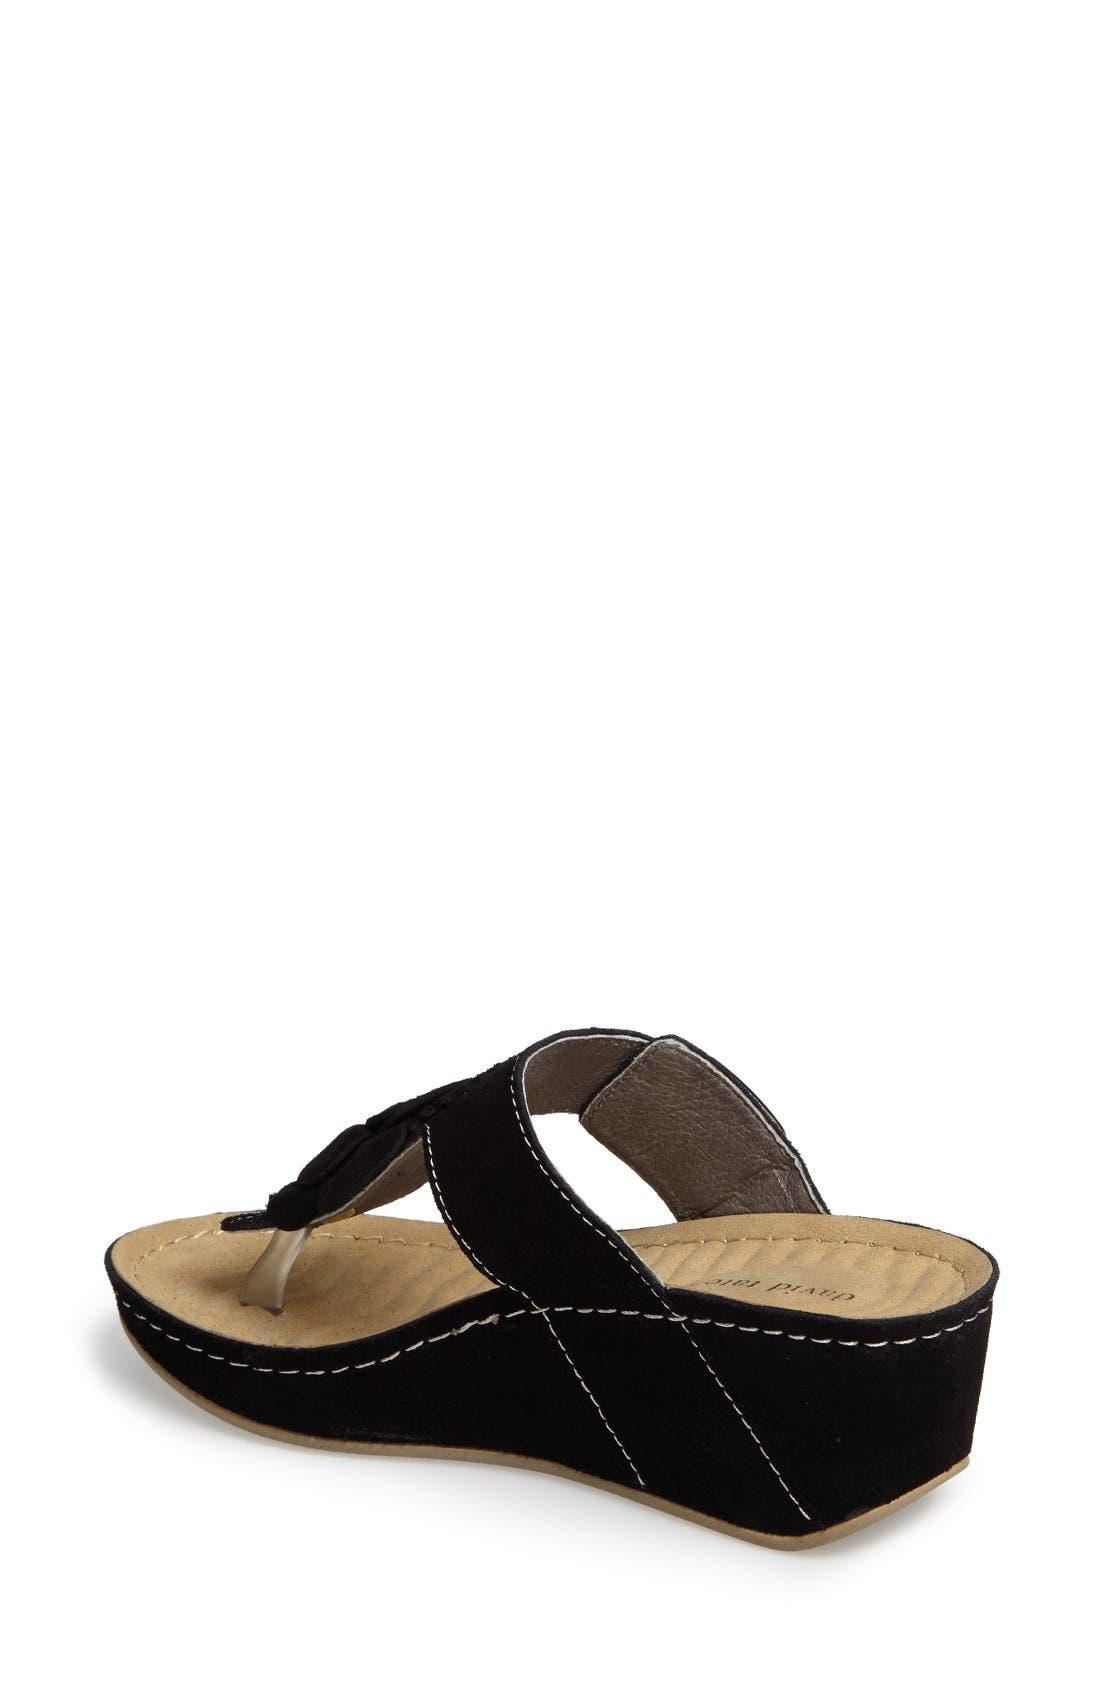 Alternate Image 2  - David Tate Spring Platform Wedge Sandal (Women)